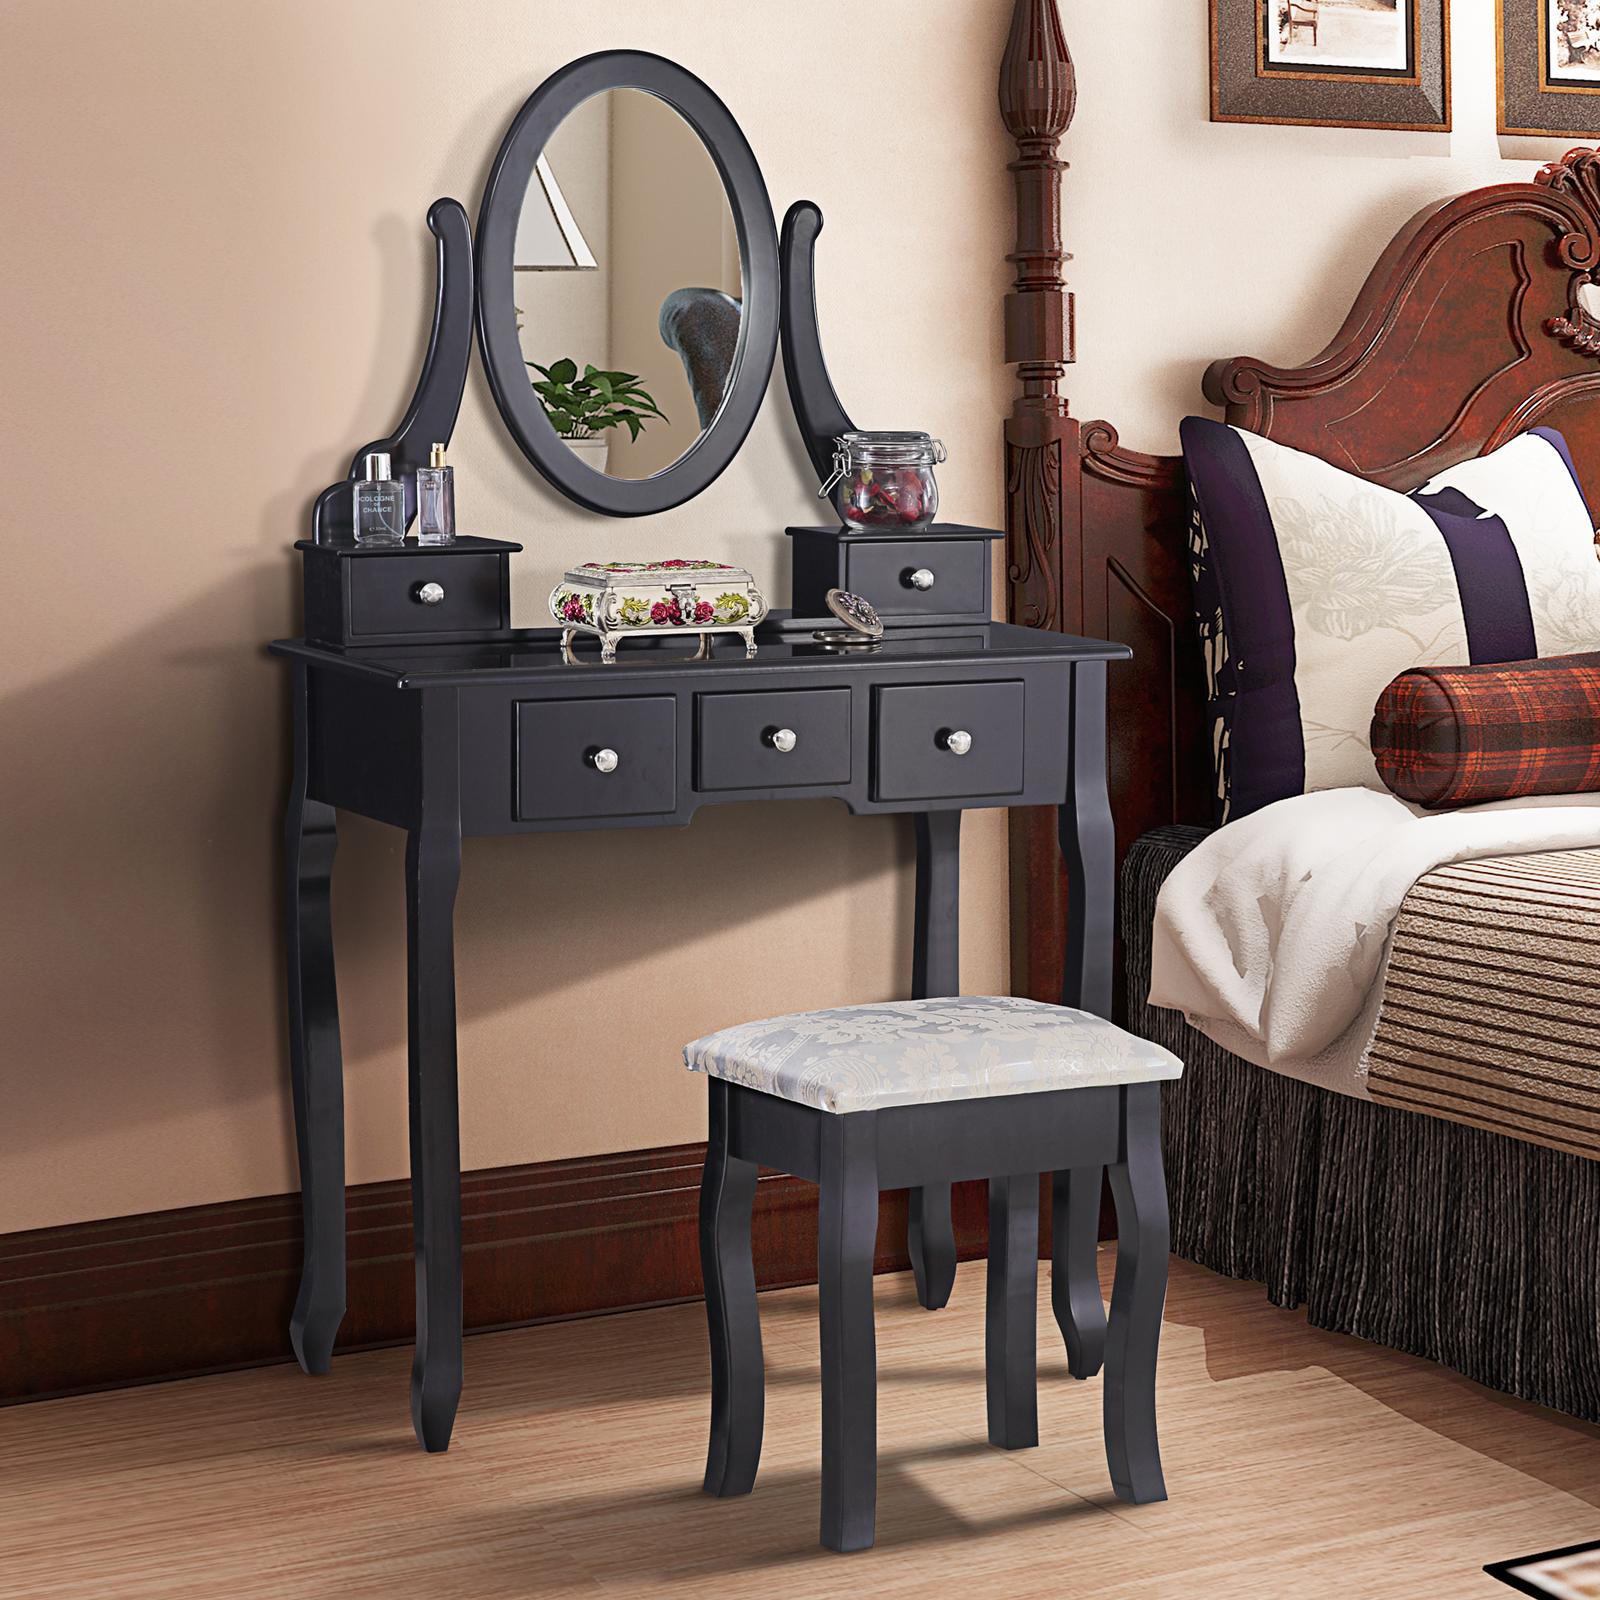 uenjoy schwarz schminktisch luxuri s kosmetiktisch hocker spiegel 5 schublade ebay. Black Bedroom Furniture Sets. Home Design Ideas